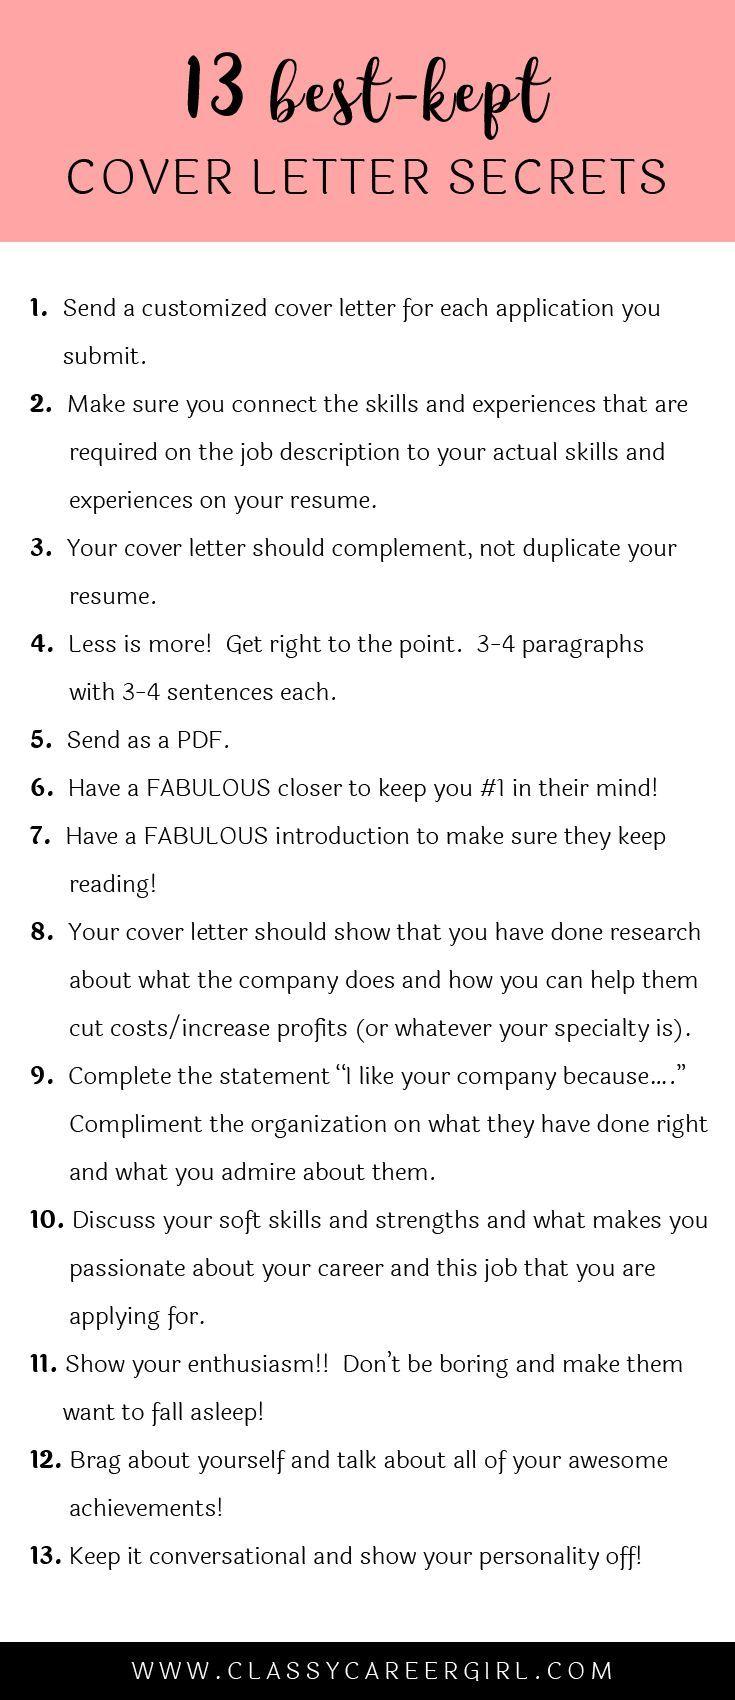 The 13 BestKept Cover Letter Secrets Cover letter for